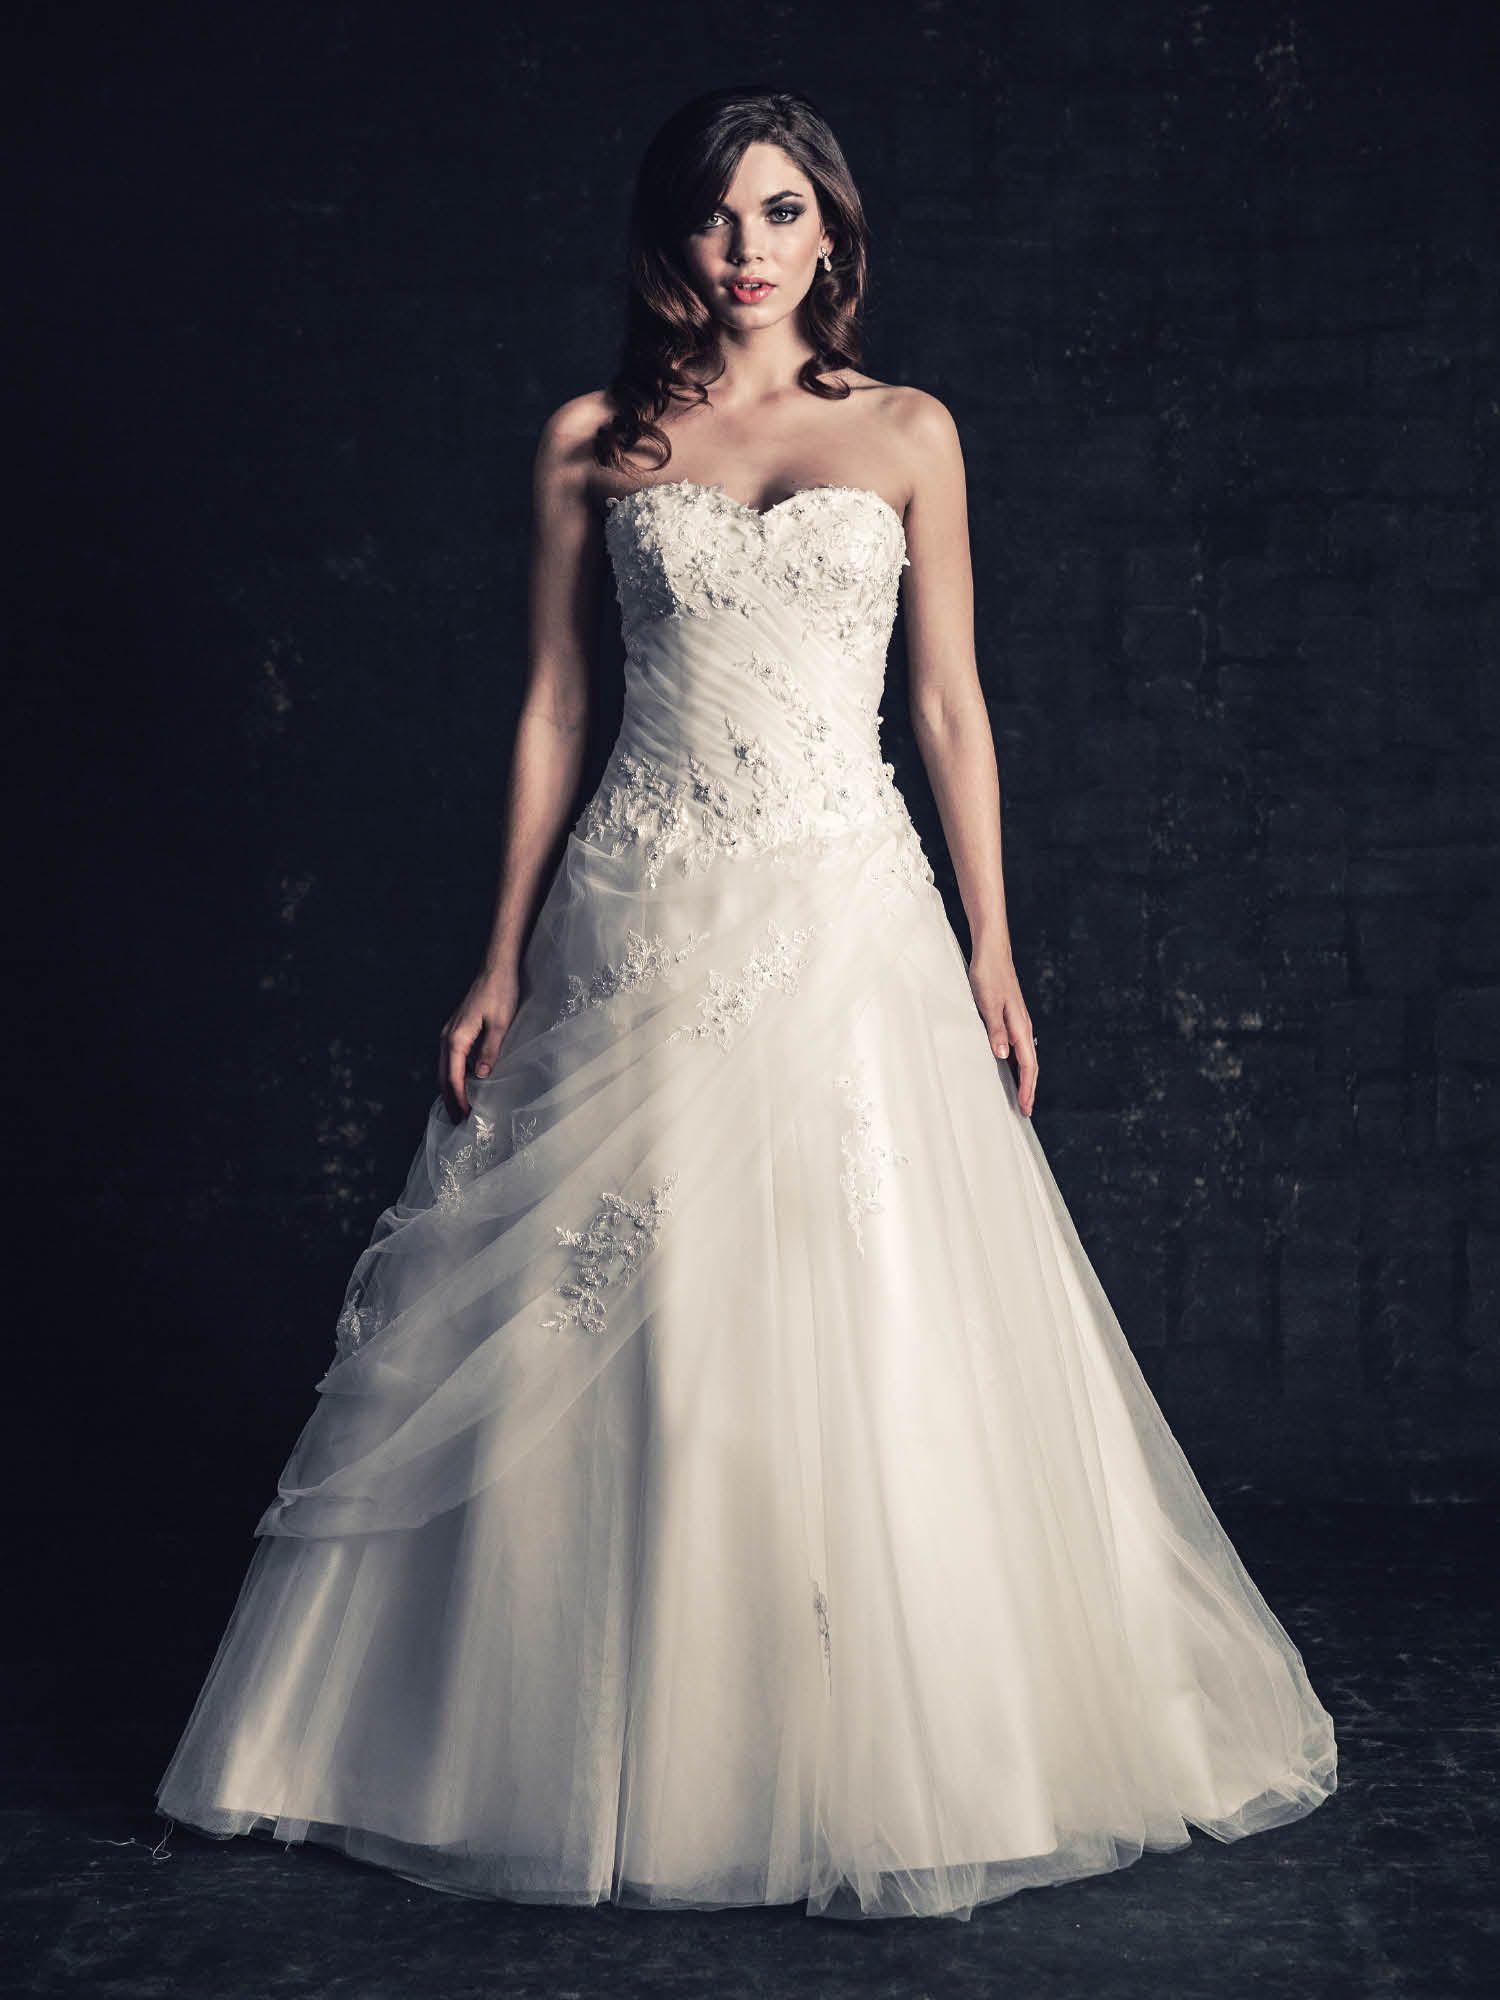 Ziemlich Günstige Brautkleider Seattle Ideen - Brautkleider Ideen ...